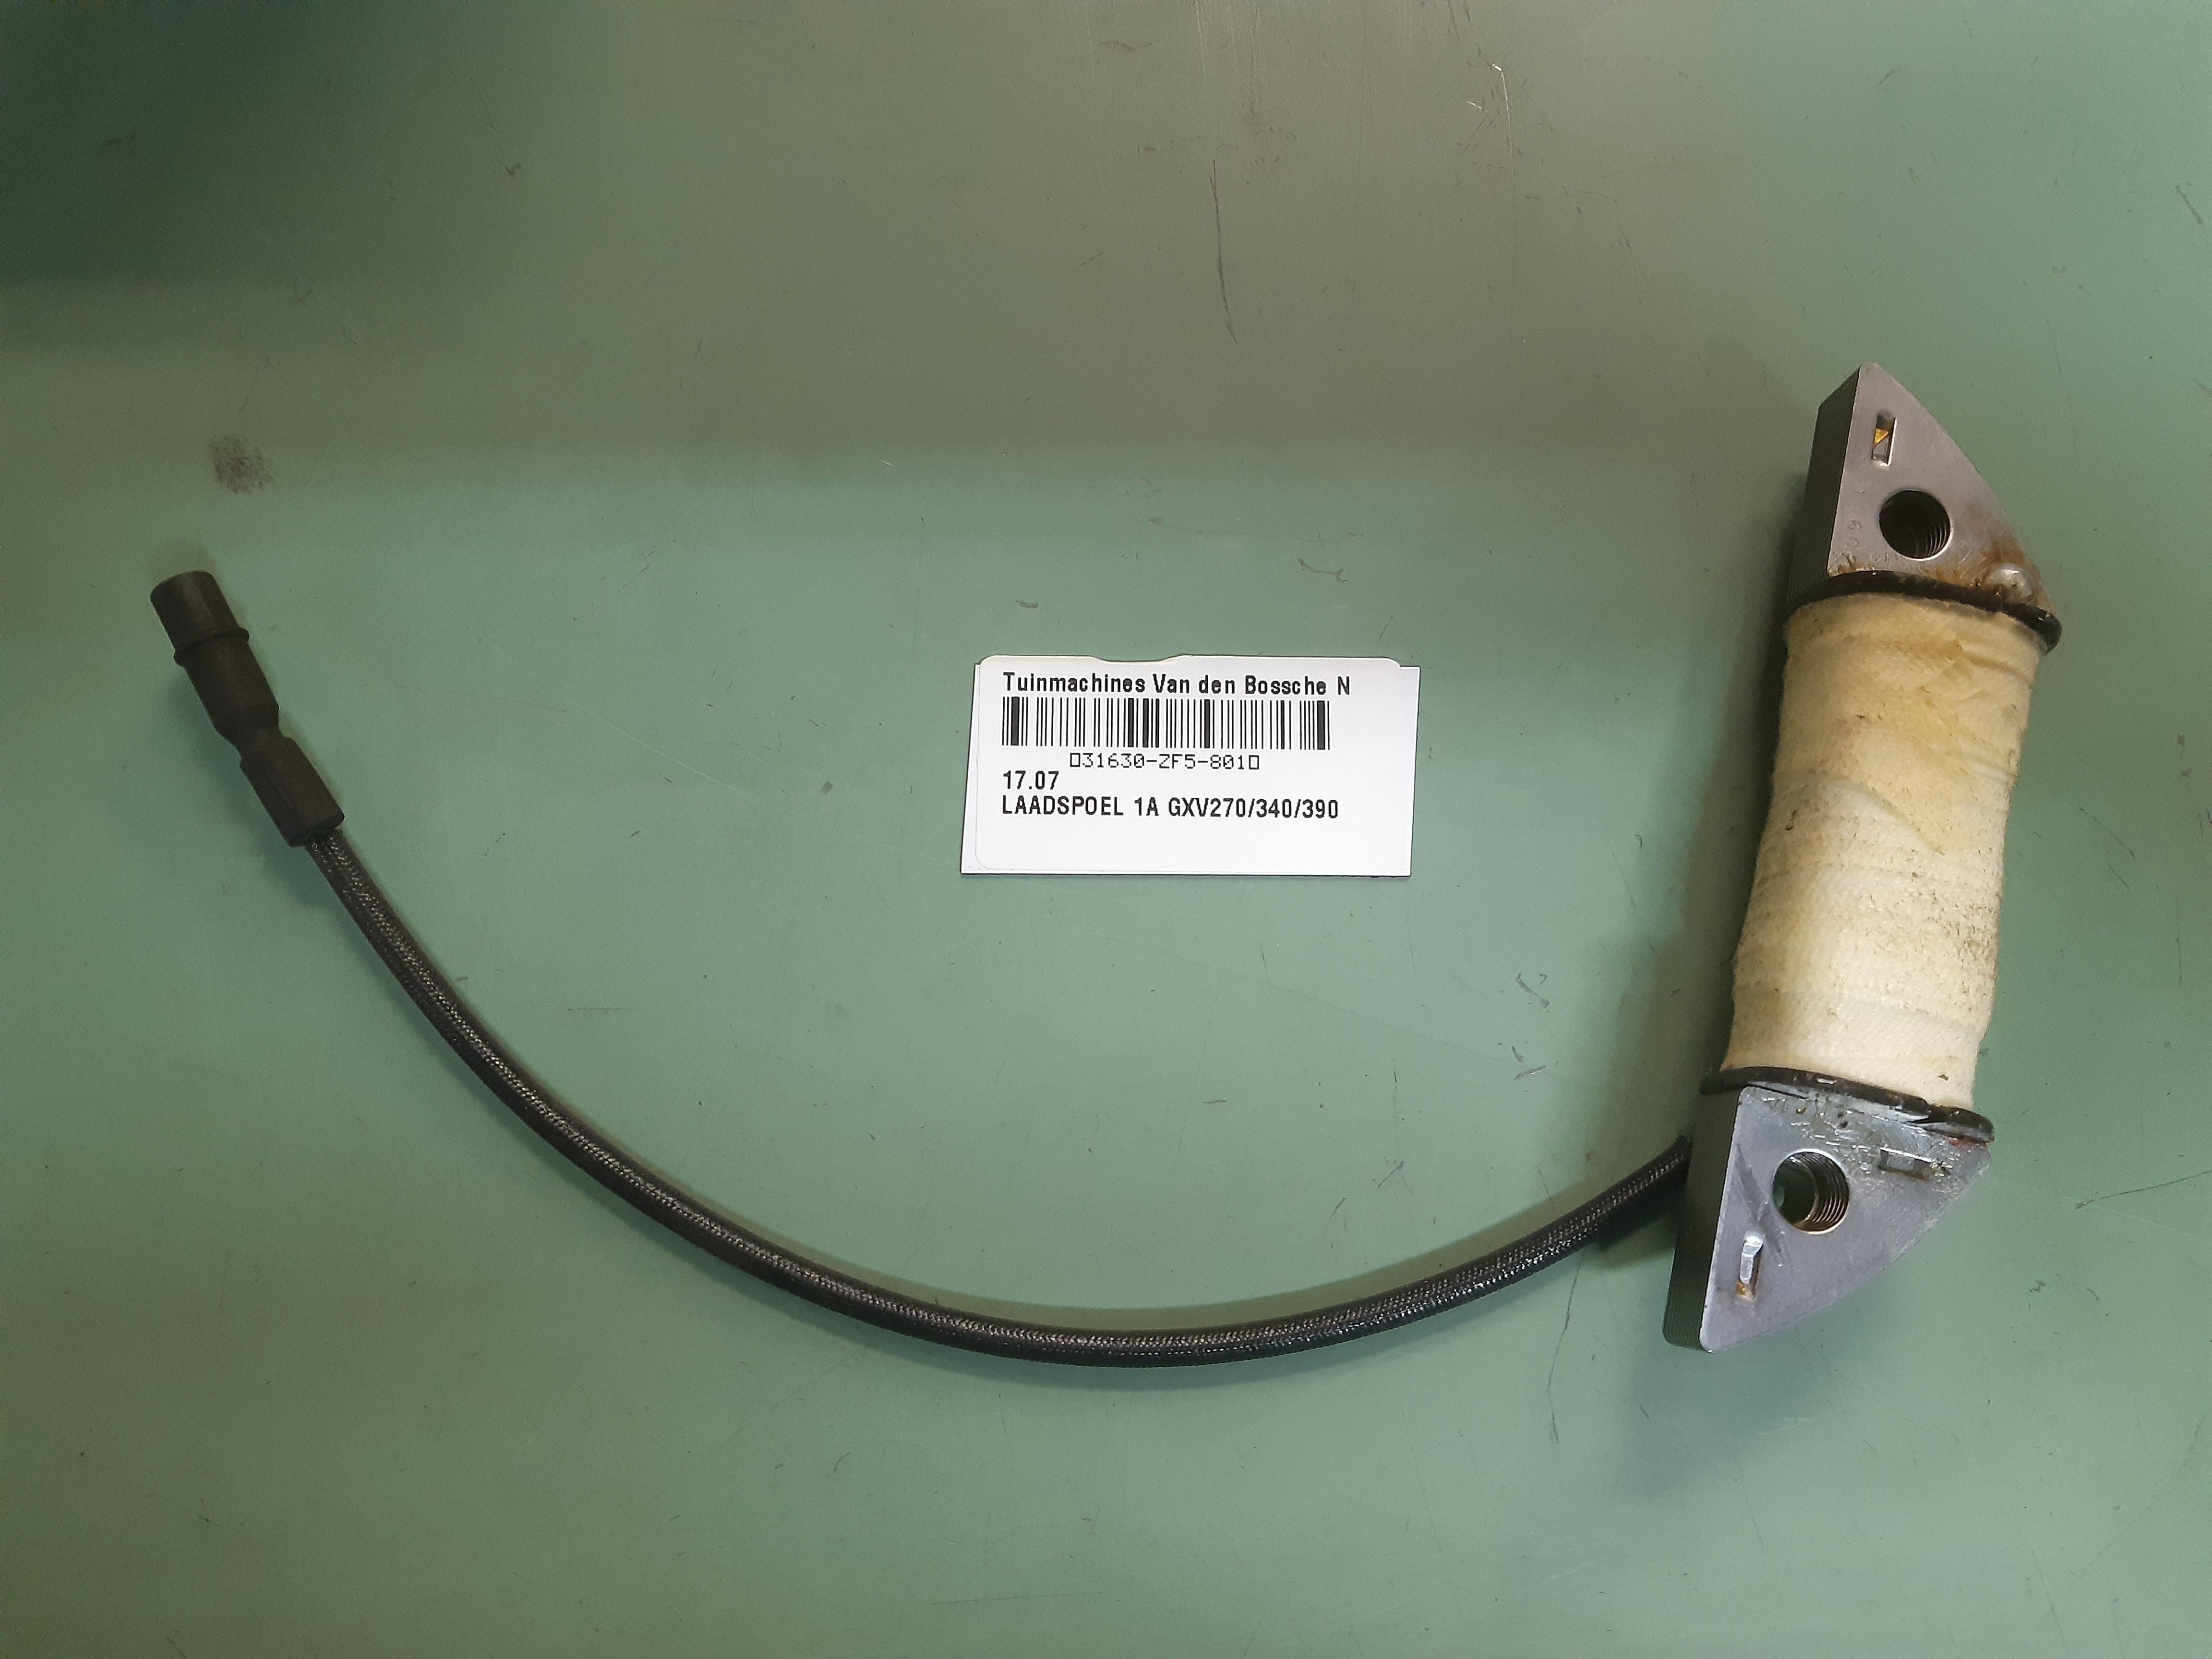 LAADSPOEL 1A GXV270/340/390